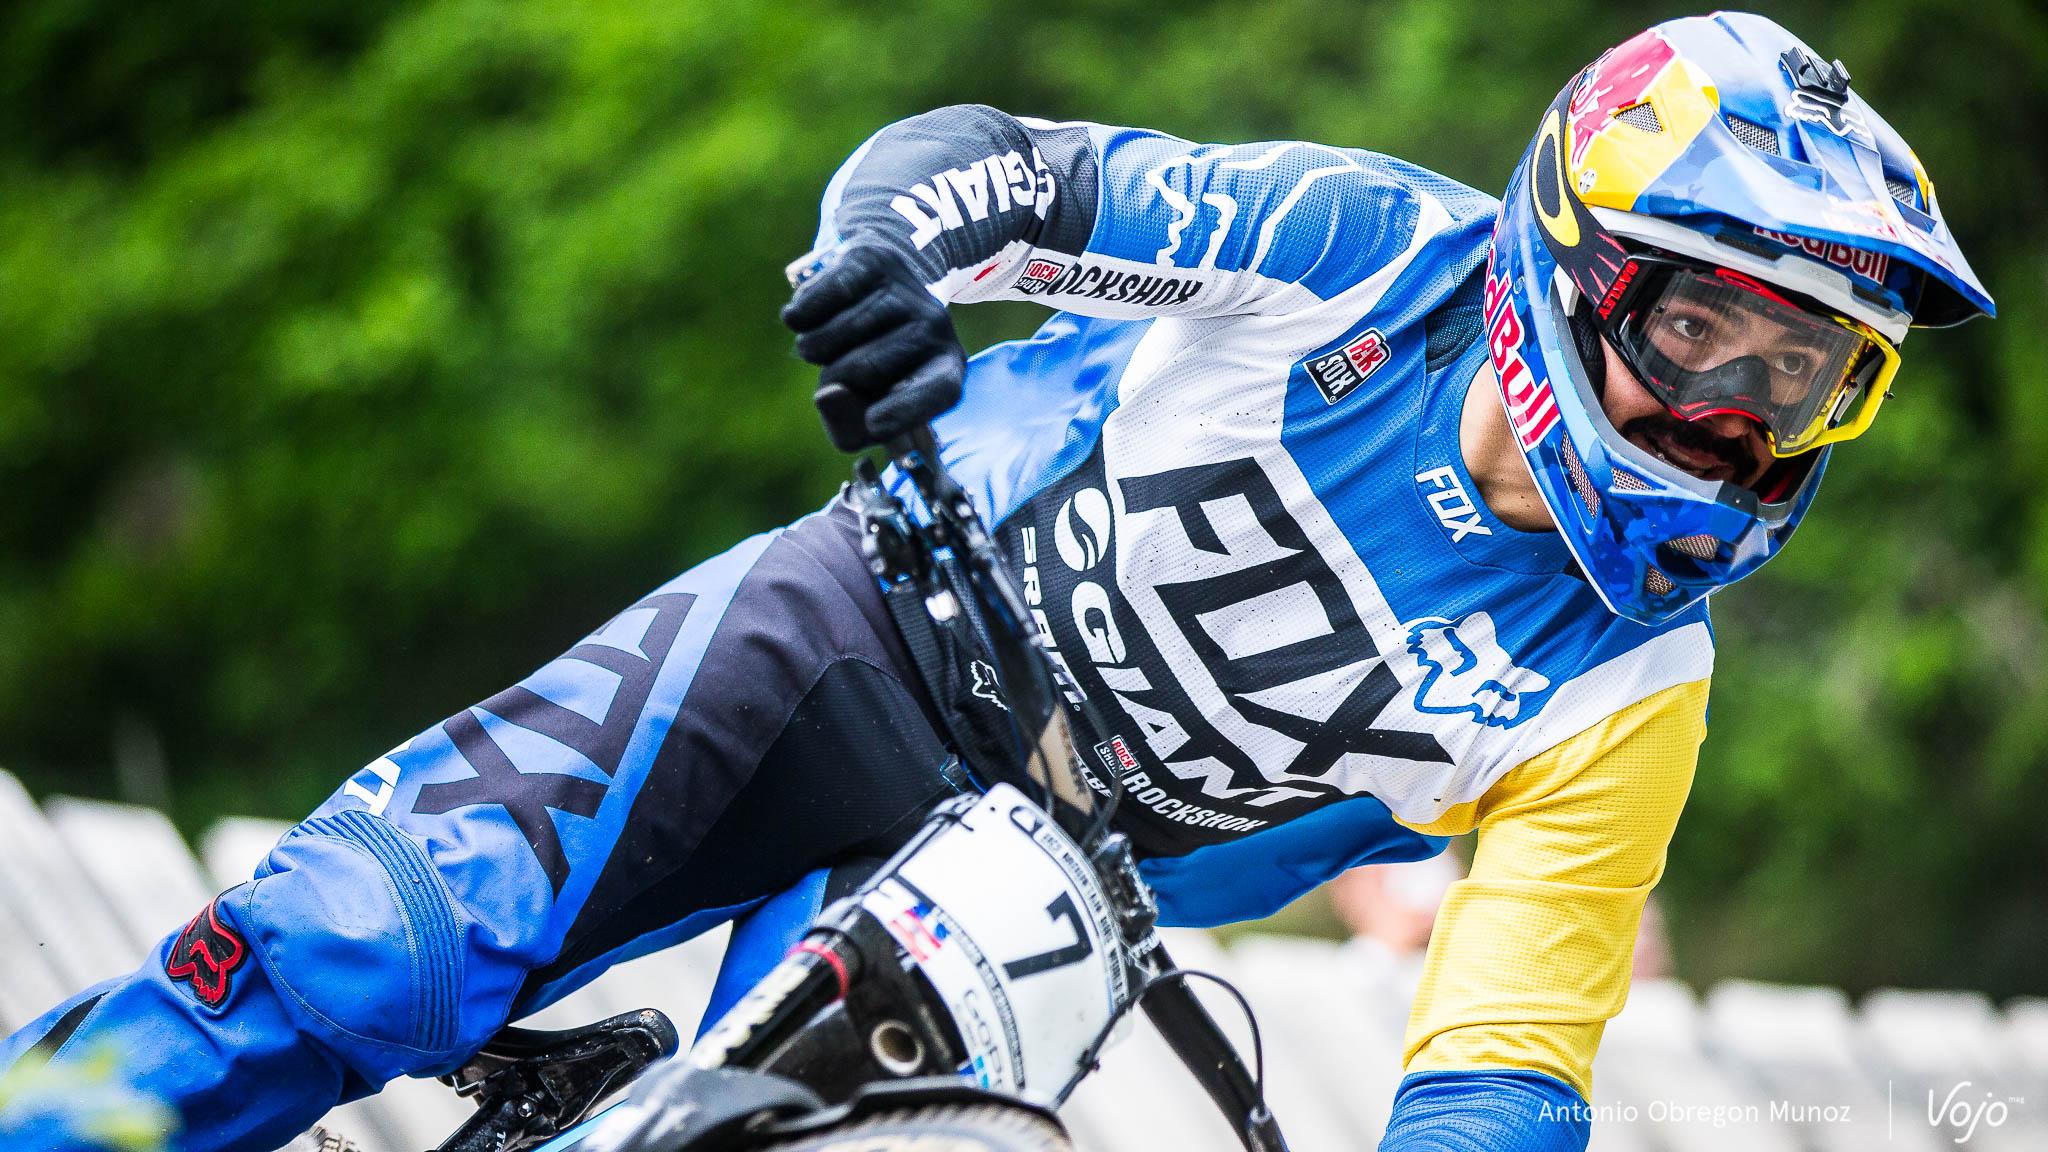 Leogang_UCI_World_Cup_DH_2015_(Porfolio)_(Marcelo)_(Copyright_Antonio_Obregon_VojoMag-99